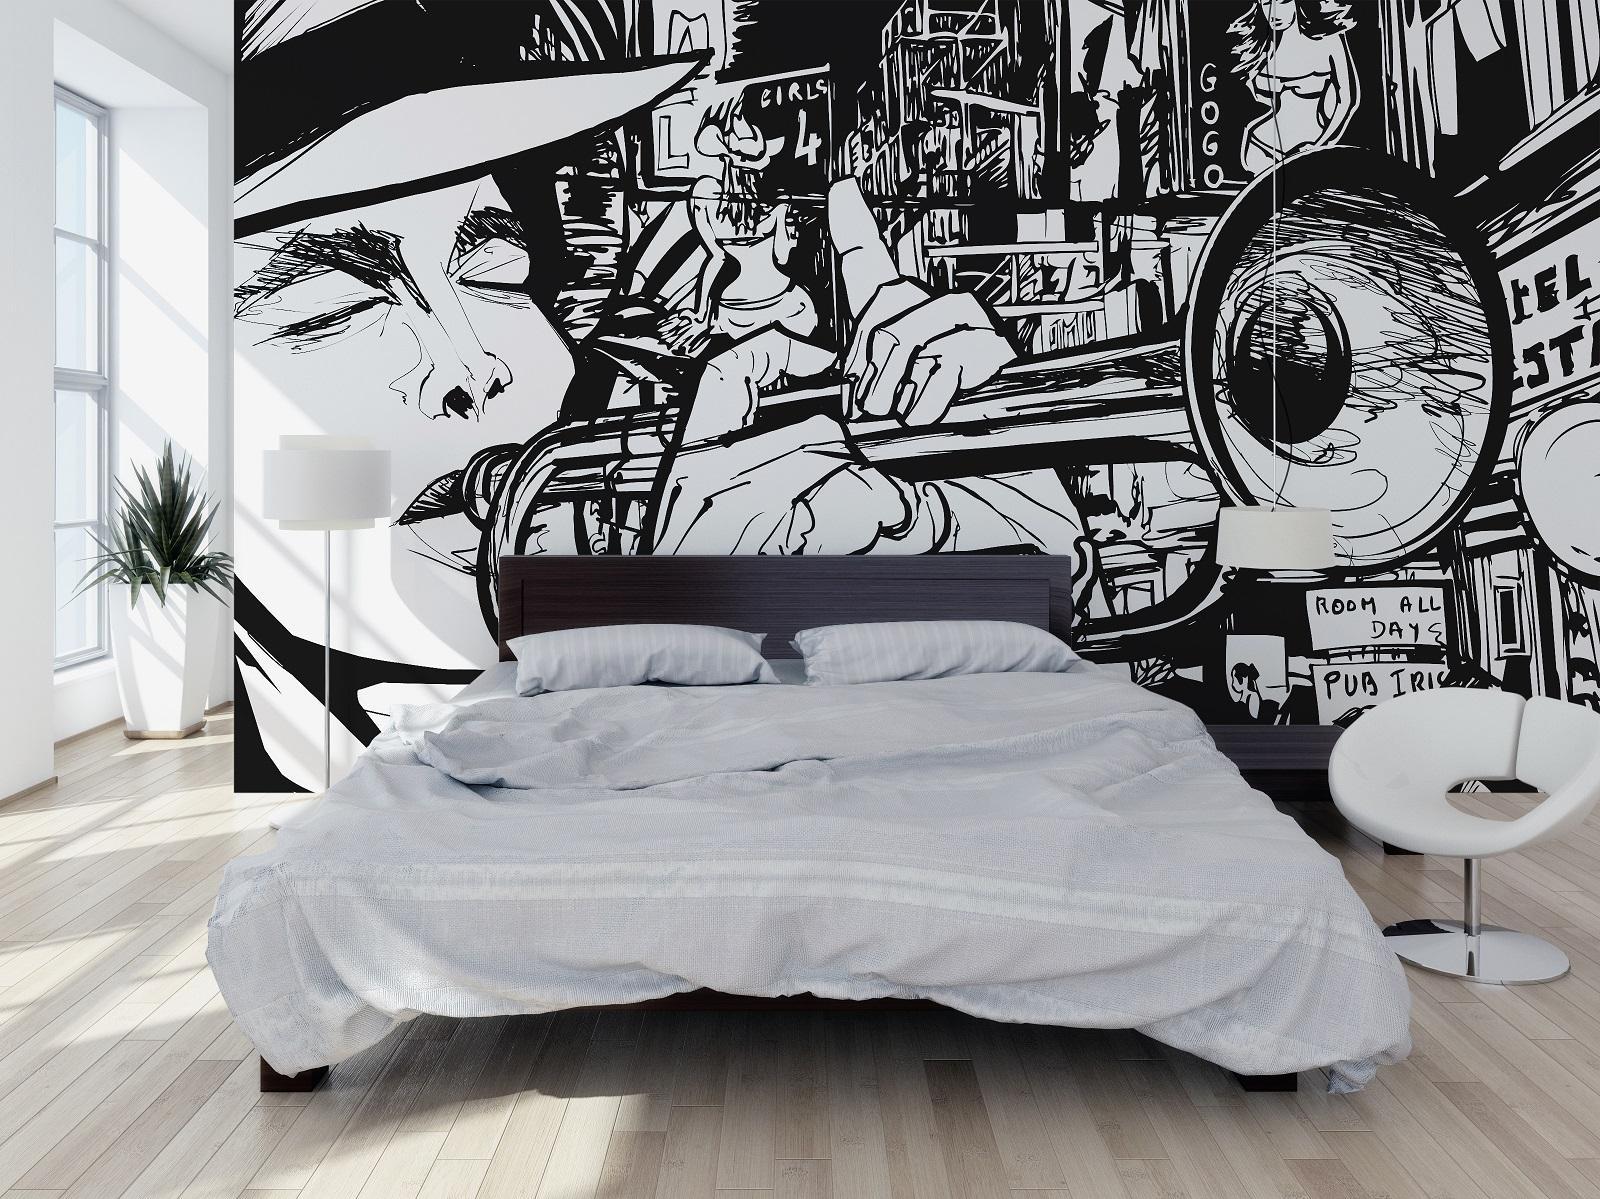 Mieszkanie jak z komiksu